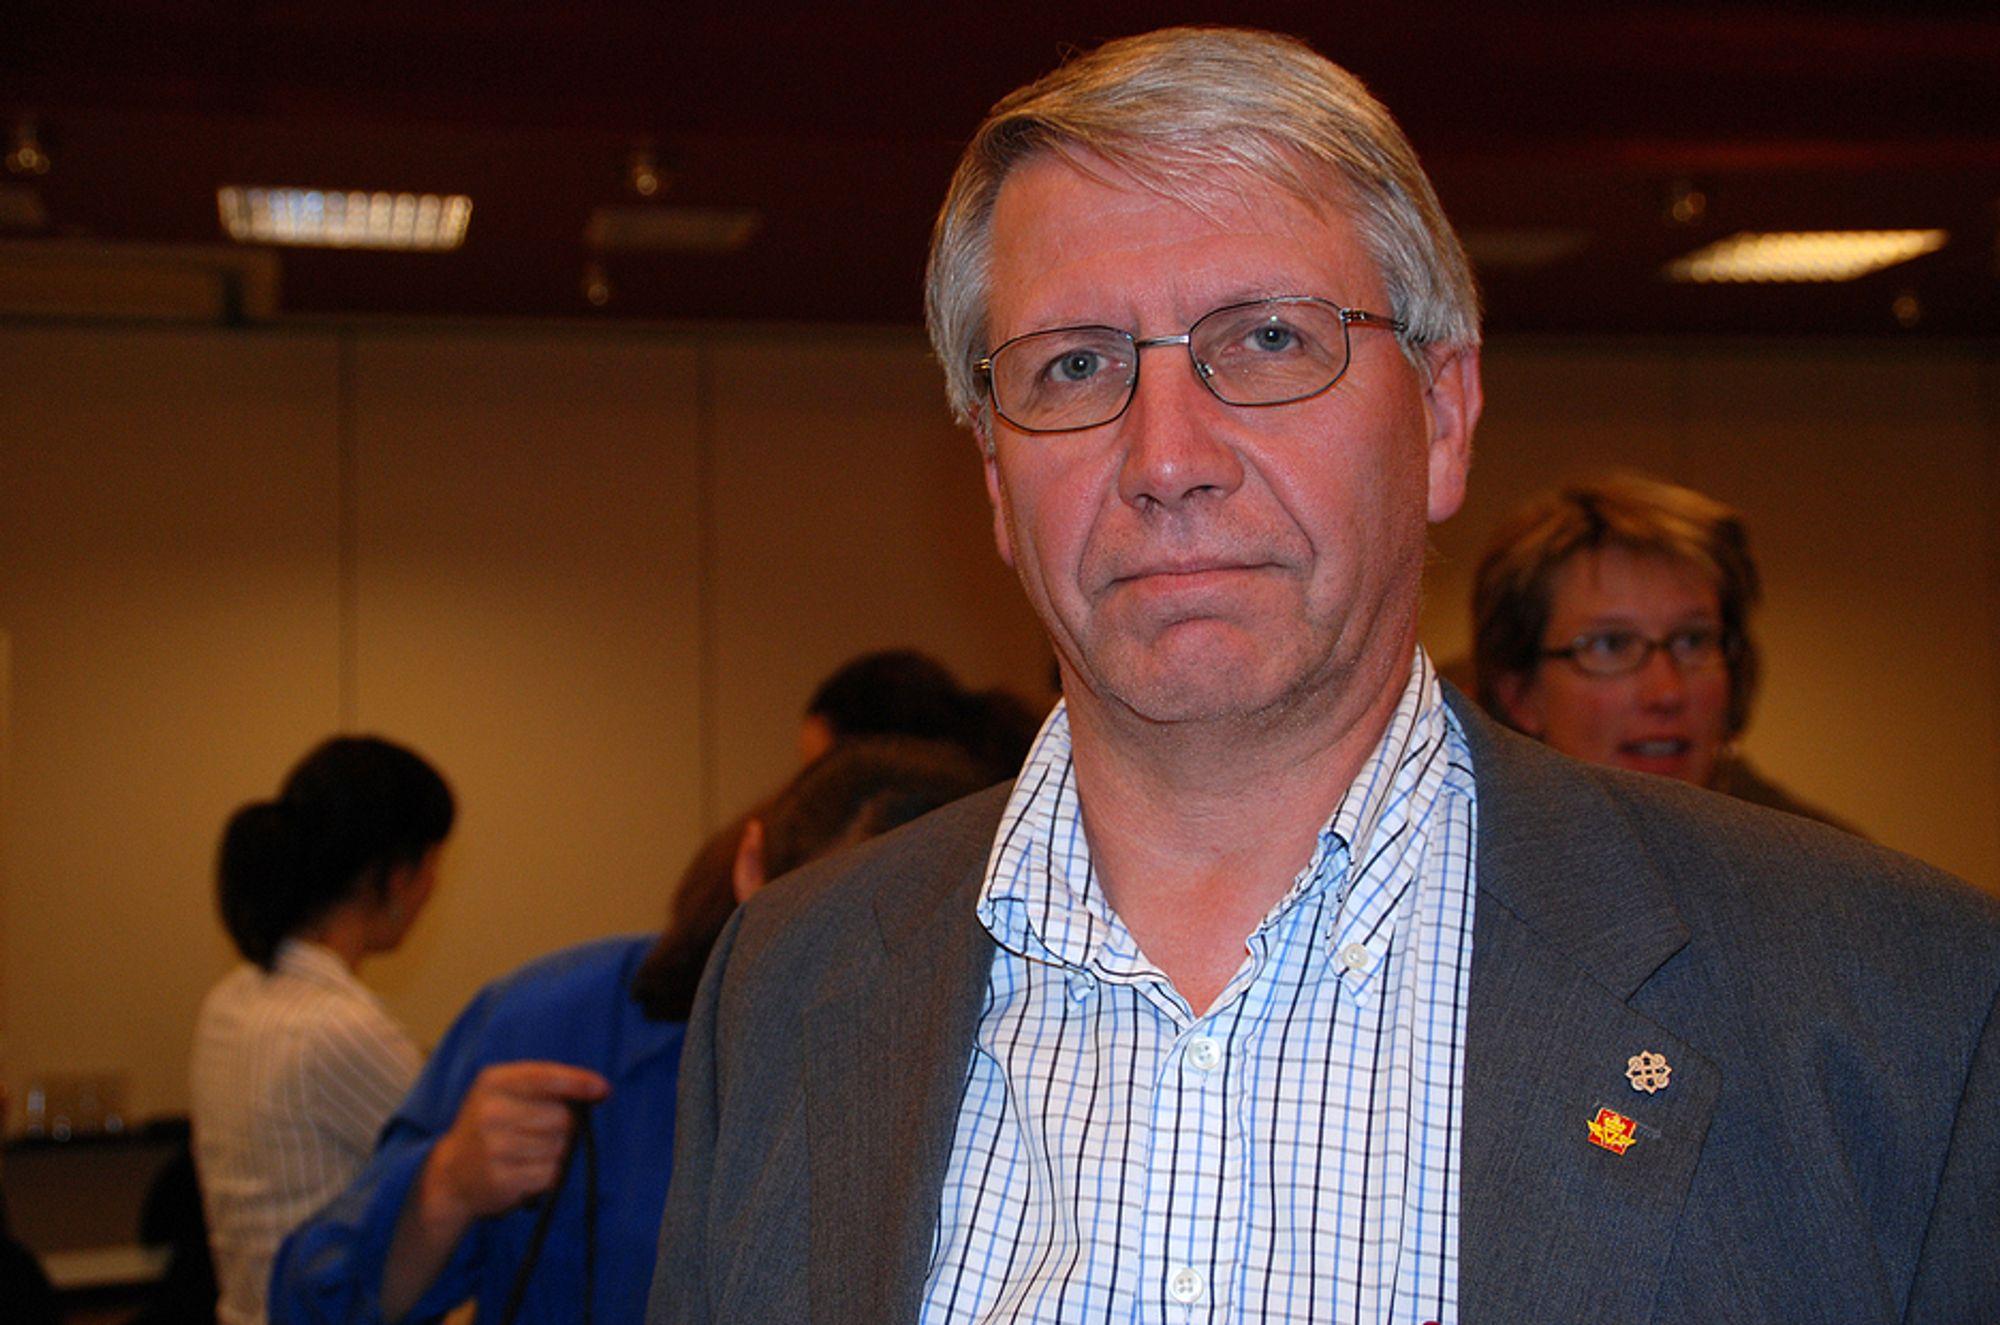 Vegdirektør Terje Moe Gustavsen, Statens Vegvesen. Bilde tatt på Tunneldagene 15. september 2008.